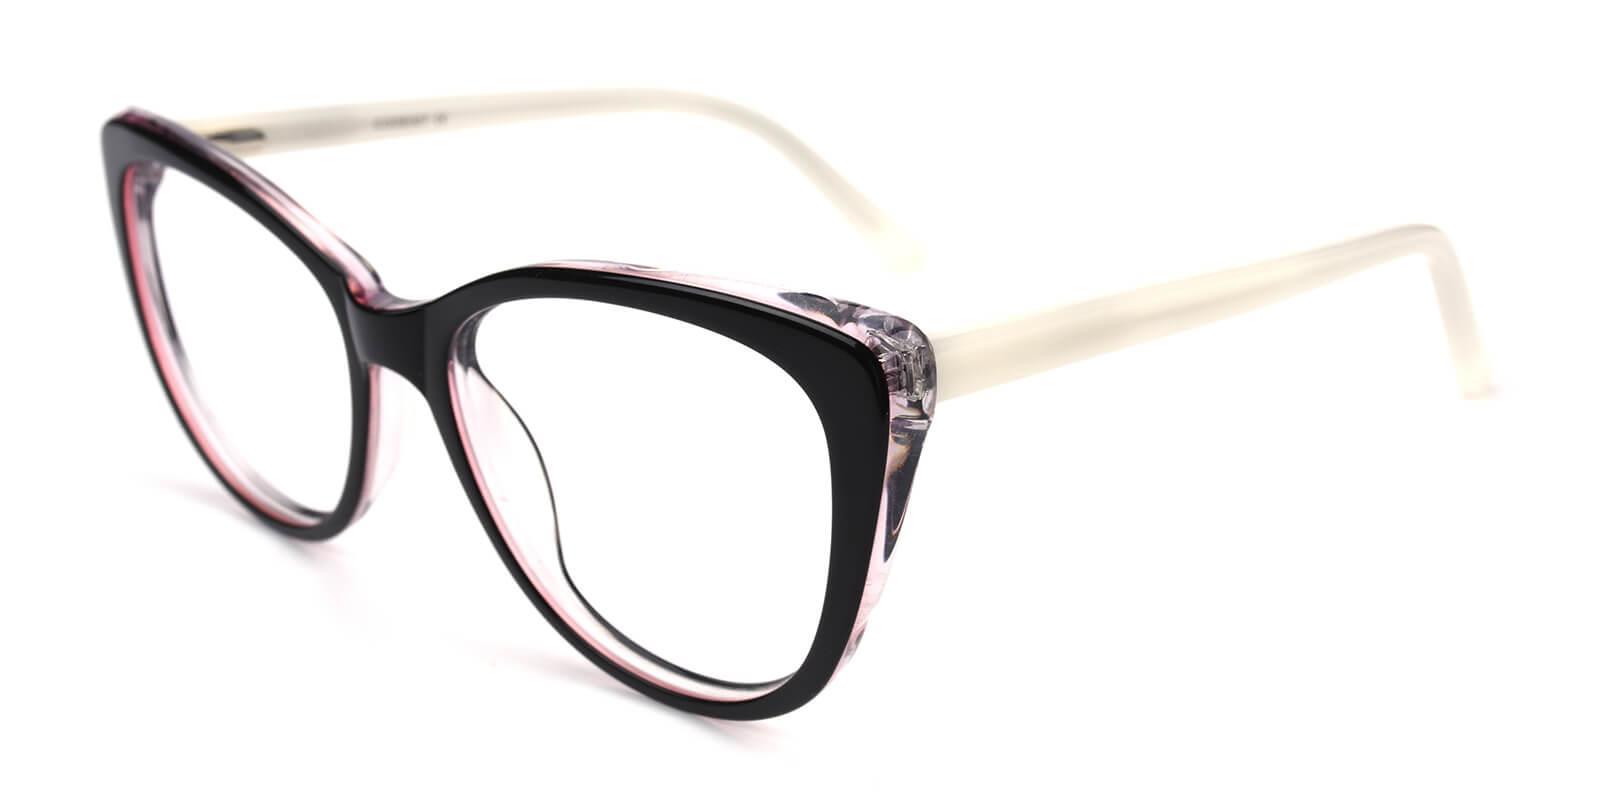 Secretly-White-Cat-Acetate-Eyeglasses-additional1